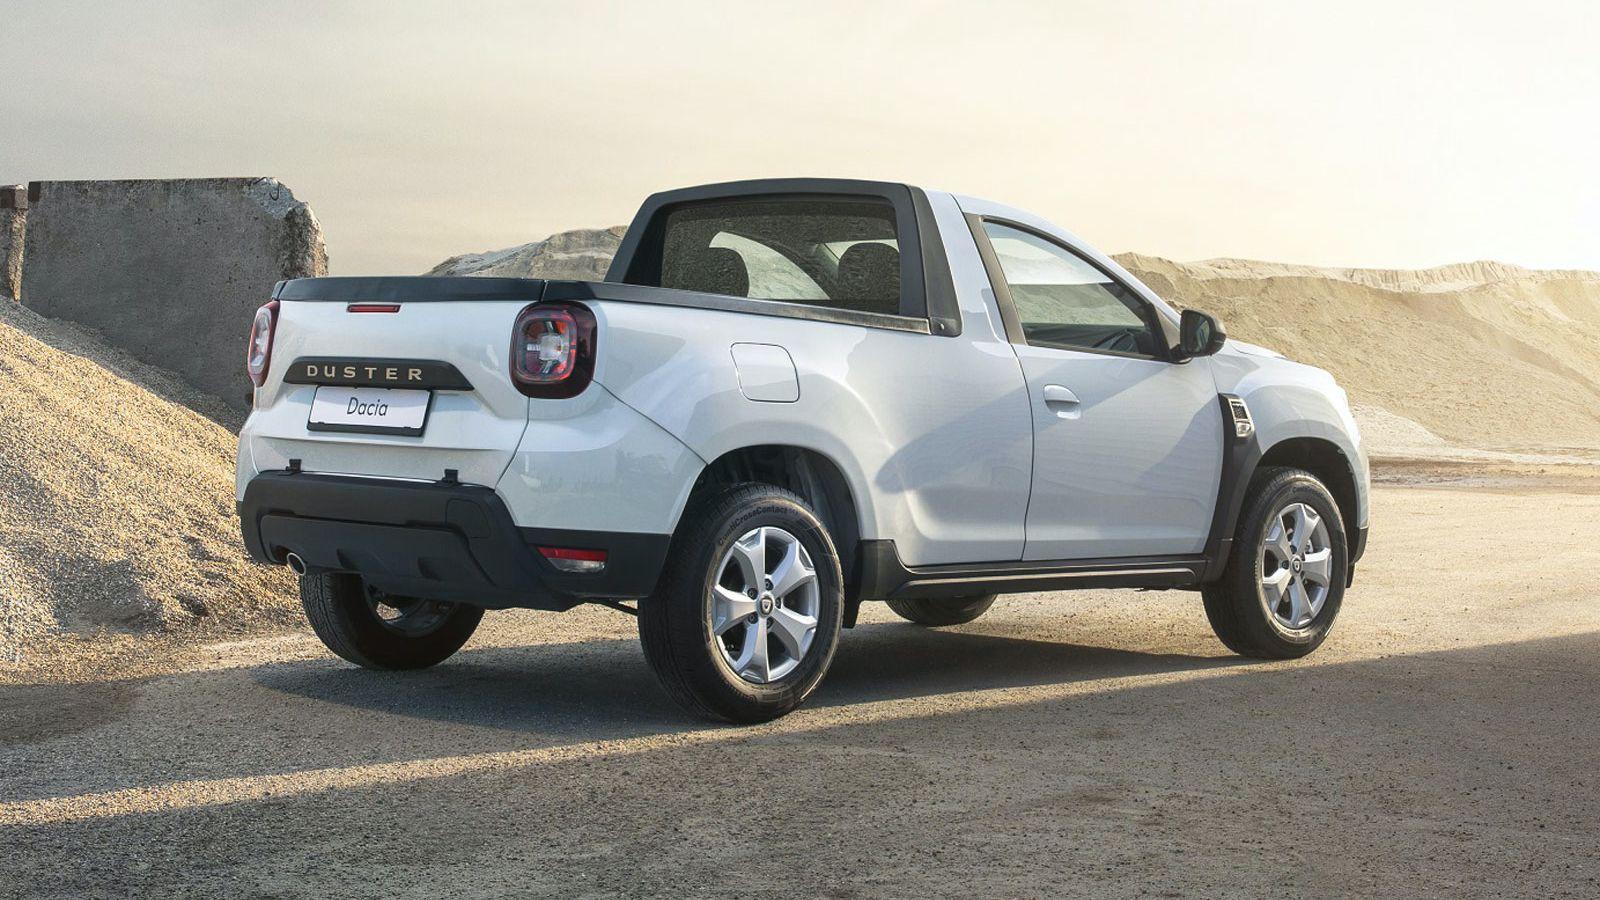 Dacia Duster Pick-up skrzynia załadunkowa